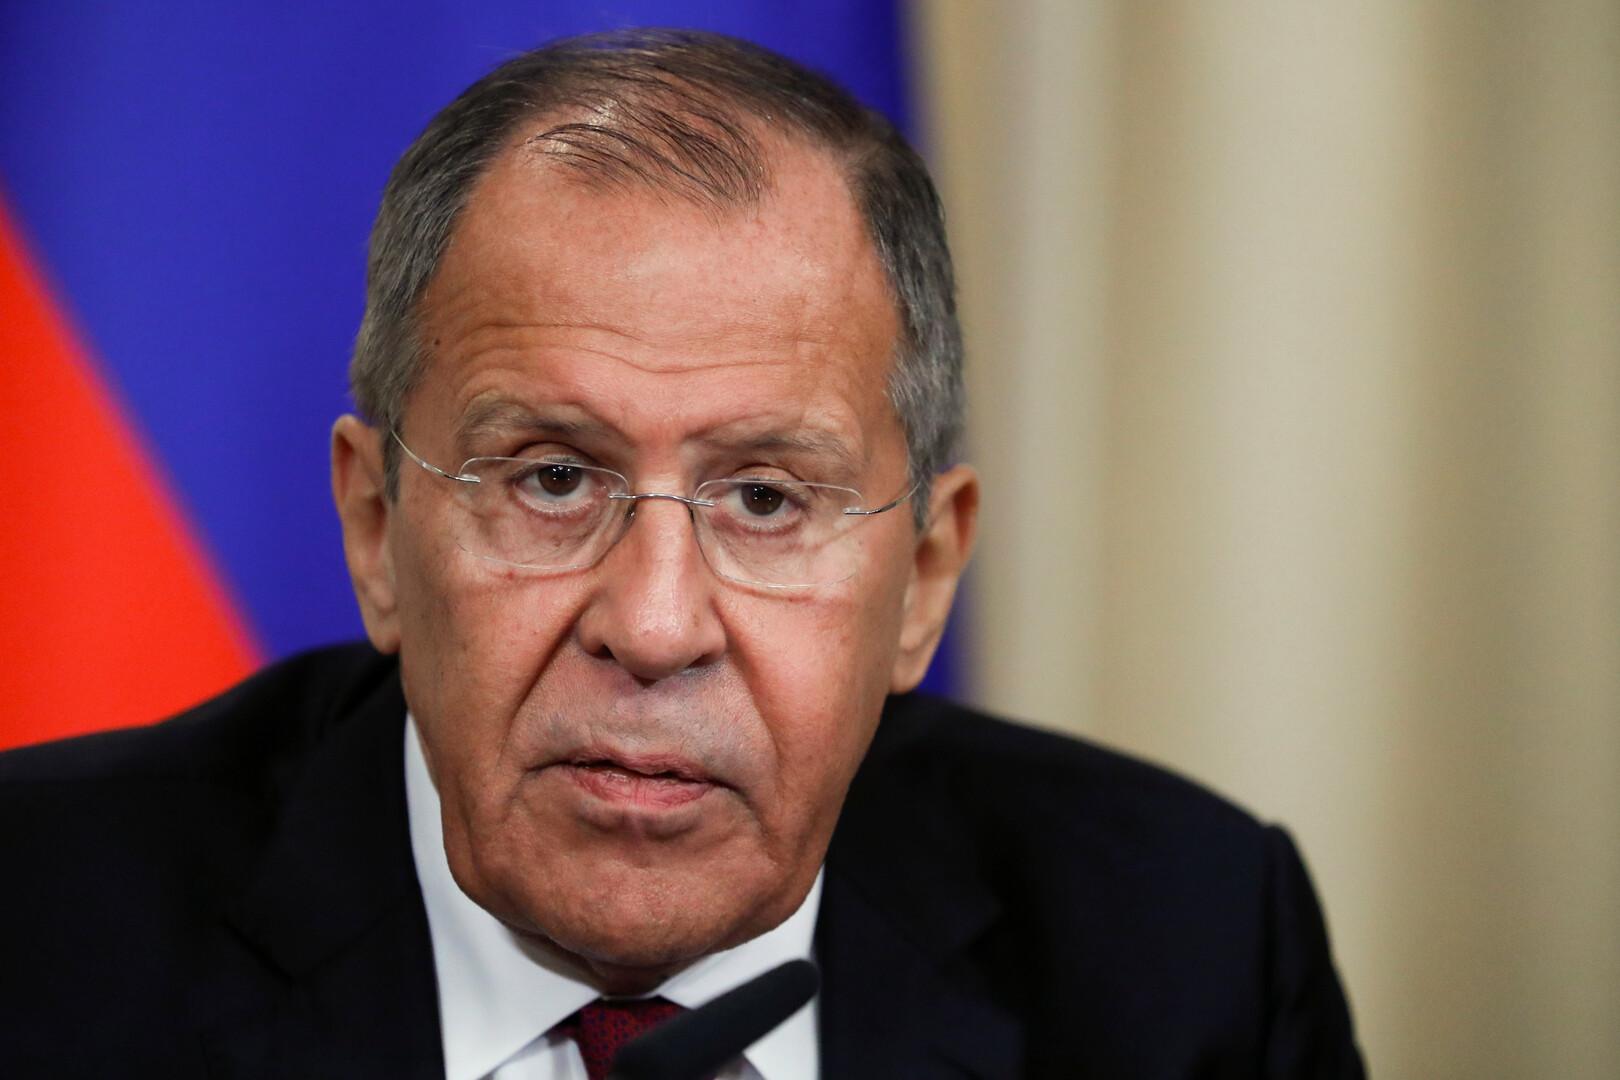 لافروف: من الضروري عودة عمل البعثات الدبلوماسية بين موسكو وواشنطن إلى طبيعته